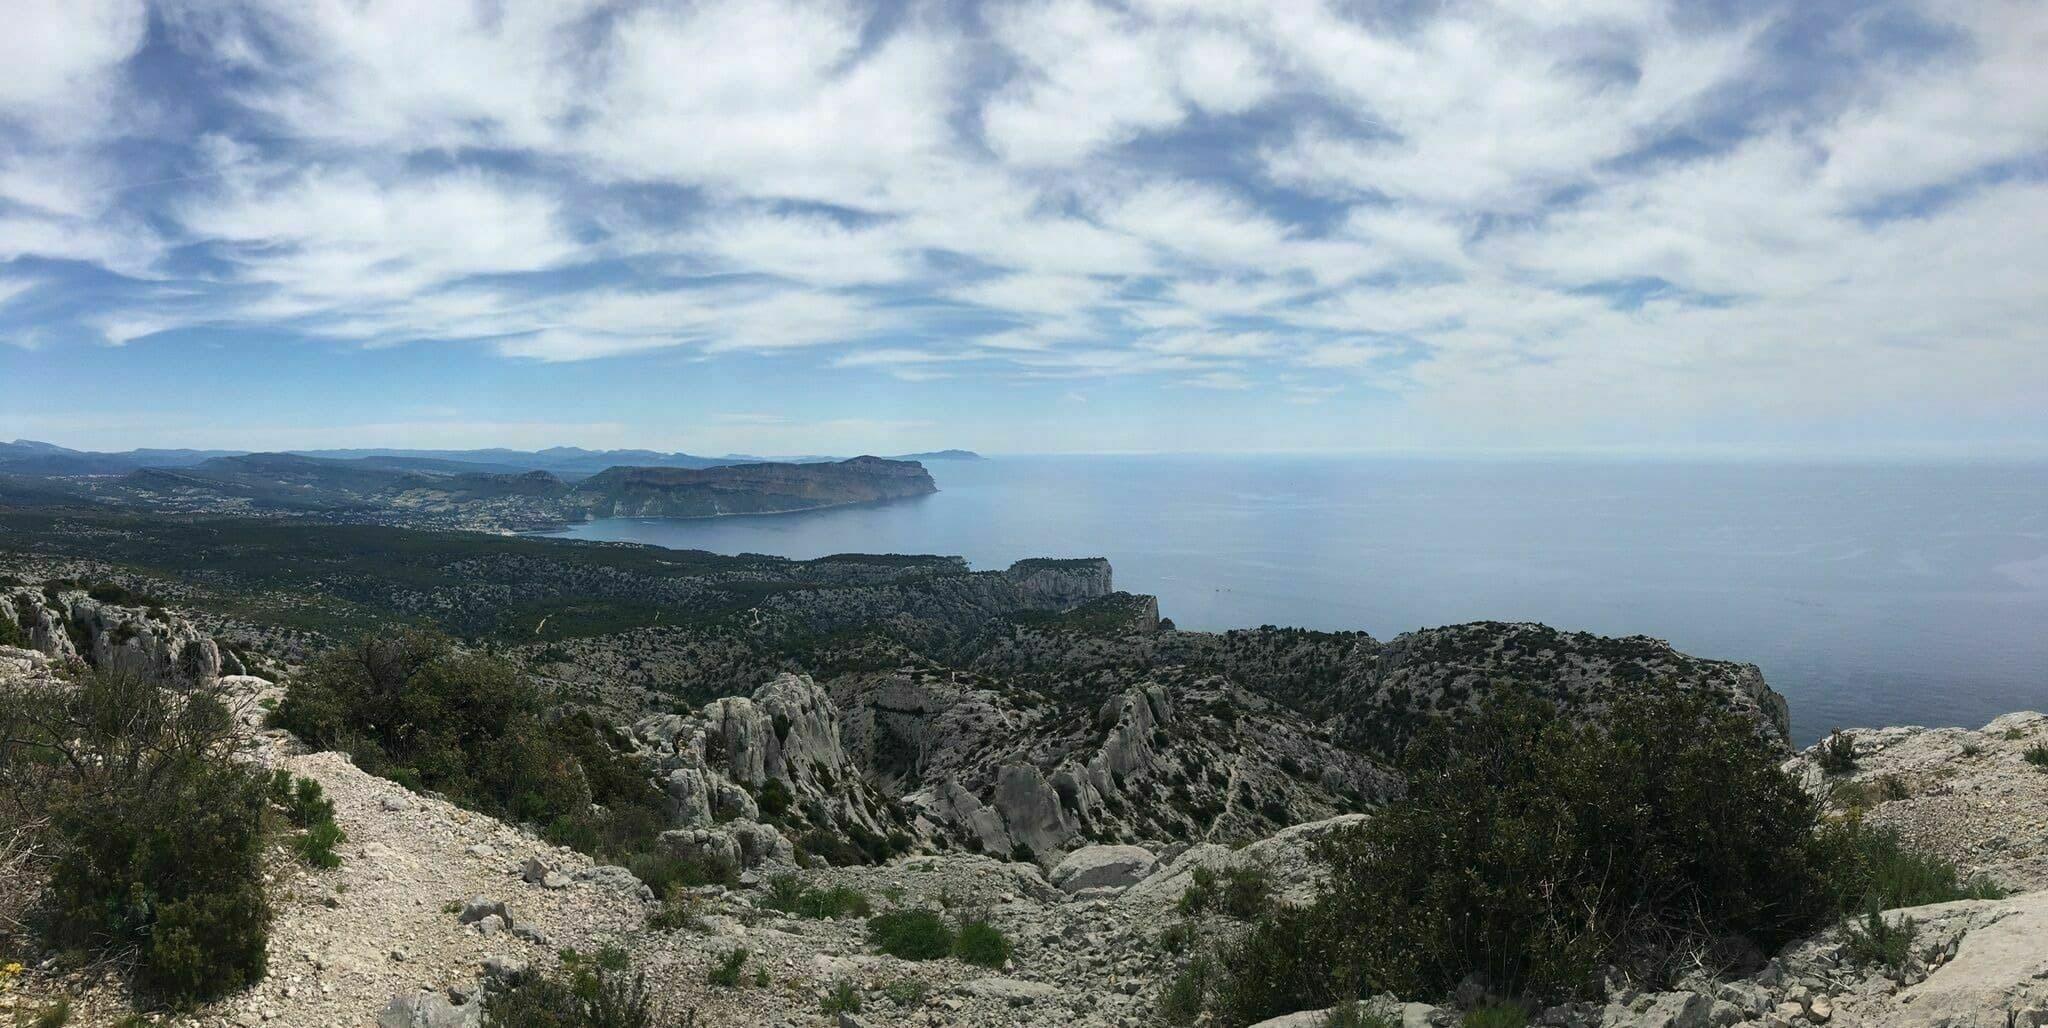 Randonnées parc national des calanques : La boucle des falaises de Devenson